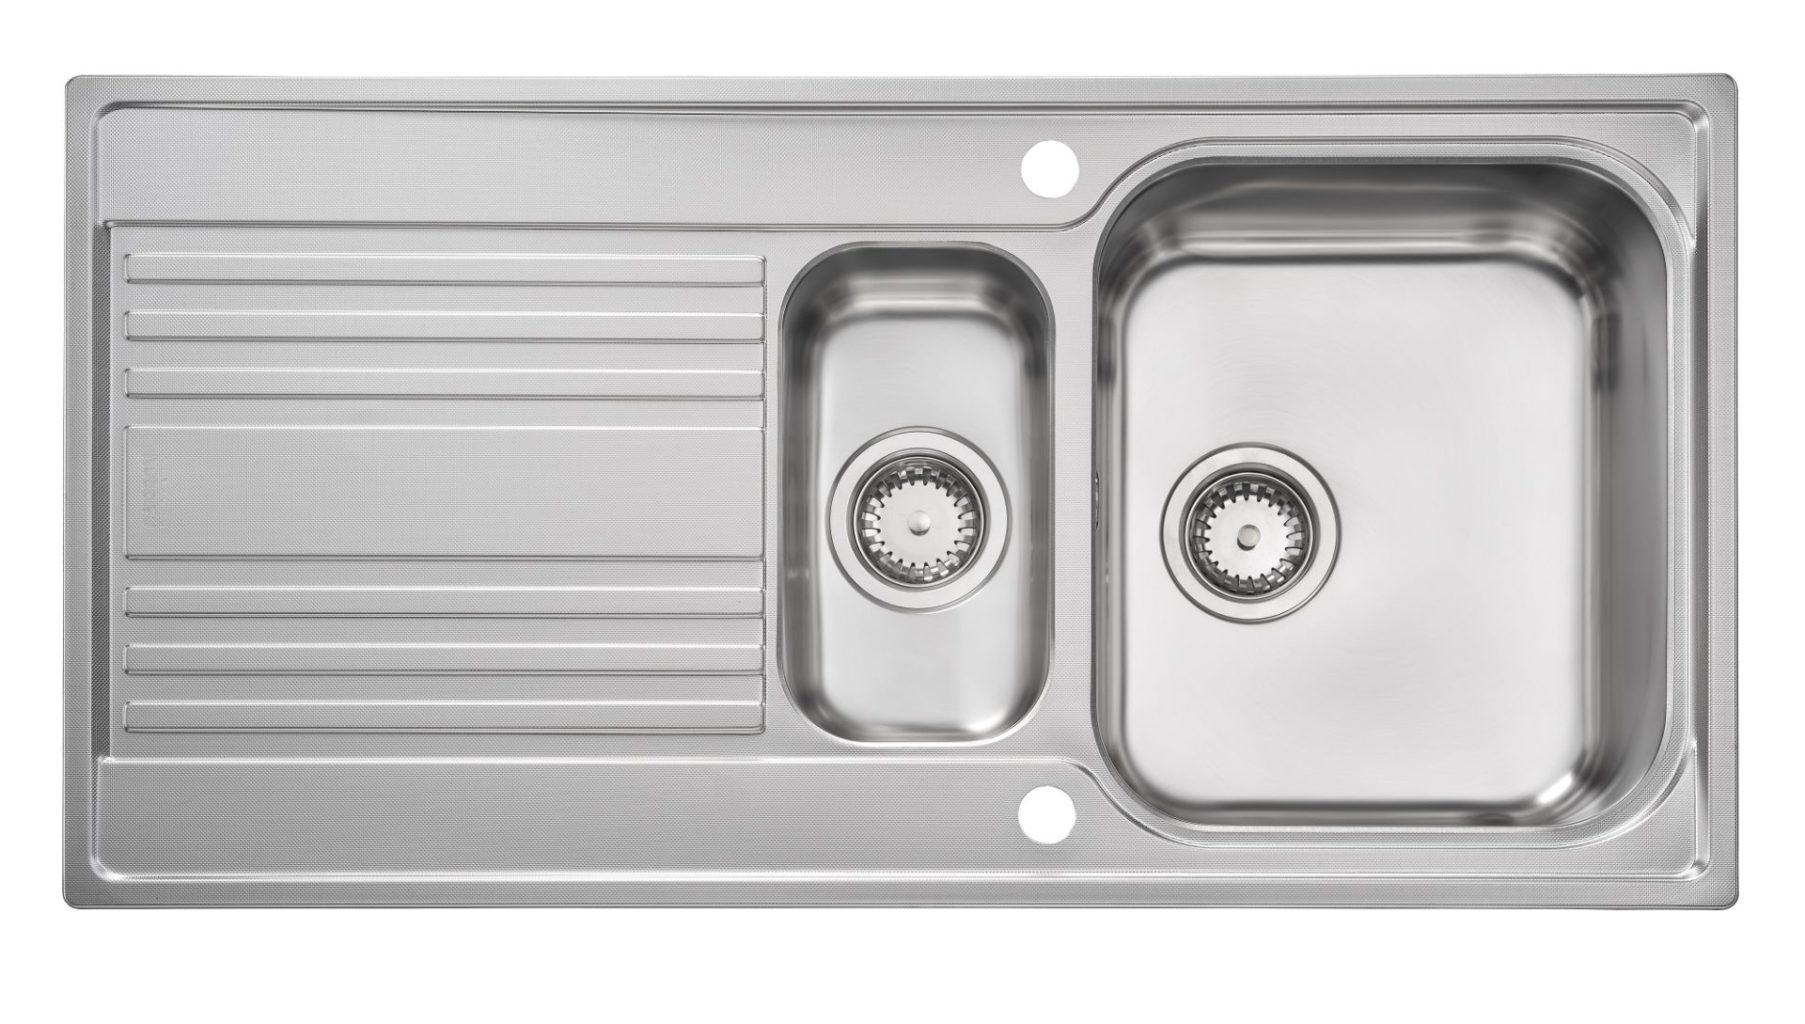 Carron Phoenix Rapid Linen Sink